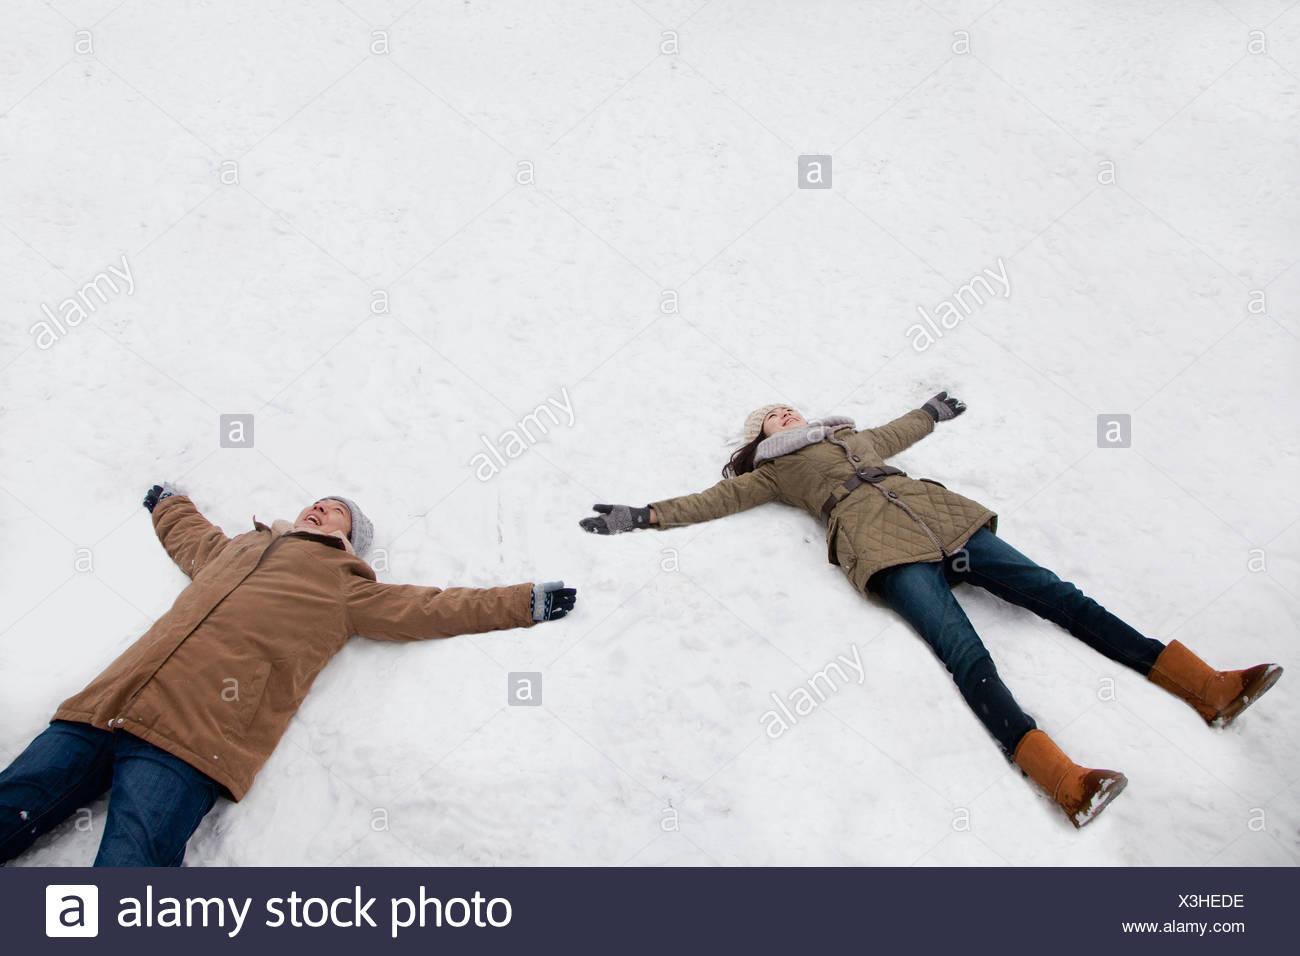 Coppia giovane posa in snow making angeli di neve Immagini Stock